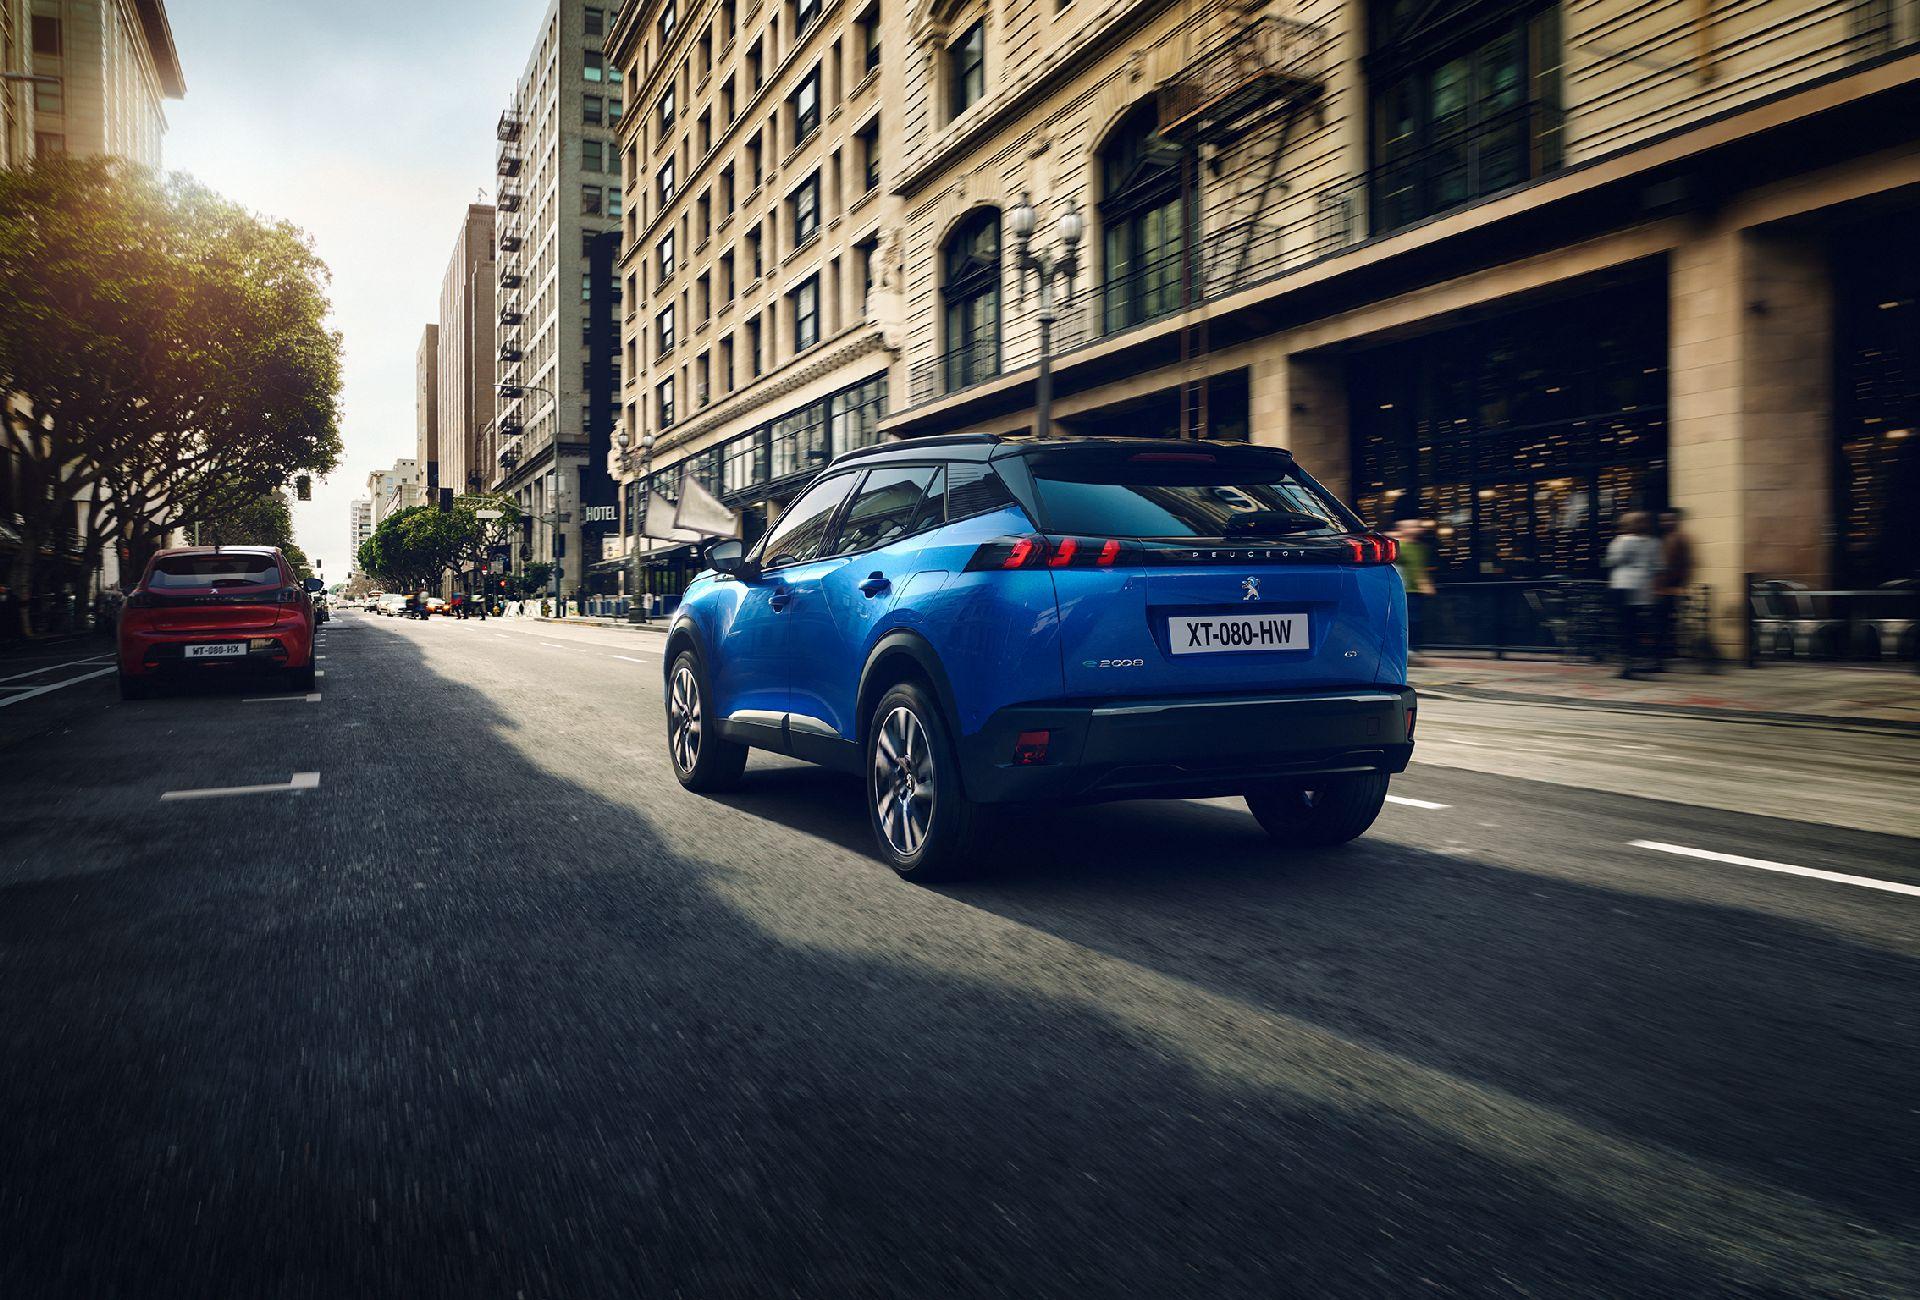 Peugeot giới thiệu thế hệ mới 2008 có thêm phiên bản chạy hoàn toàn bằng điện - 3